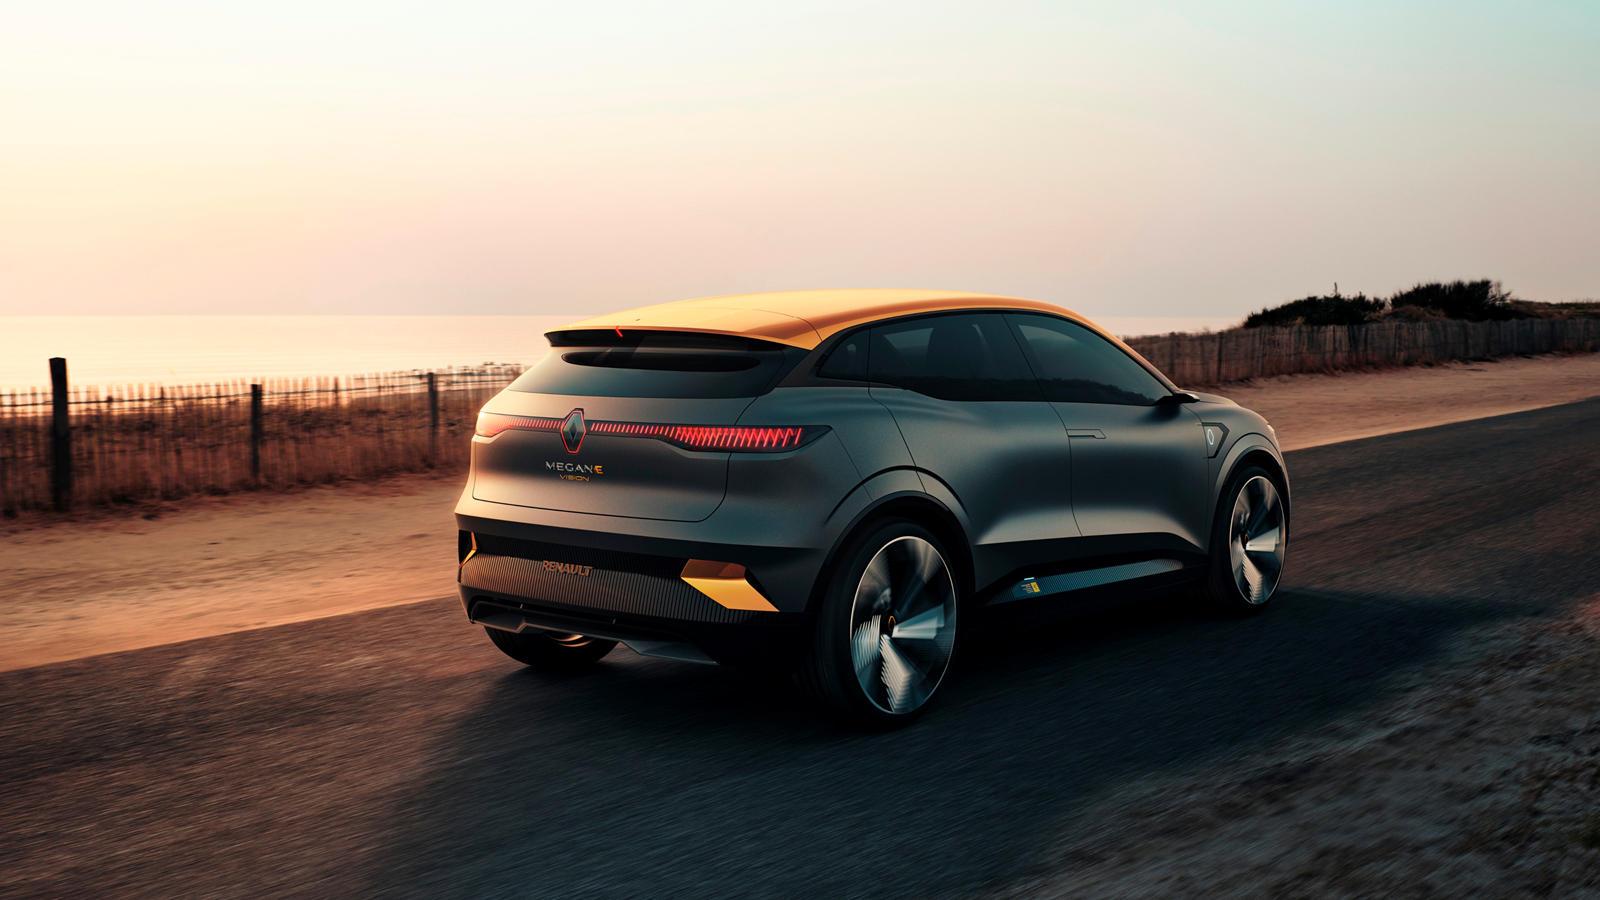 В Mégane eVision будет использоваться батарея емкостью 60 кВтч, а зарядка постоянным током мощностью до 130 кВт обеспечит лучшее в своем классе время зарядки. Выходная мощность рассчитана на 216 лошадиных сил. Внешний вид eVision вдохновлен концепт-к